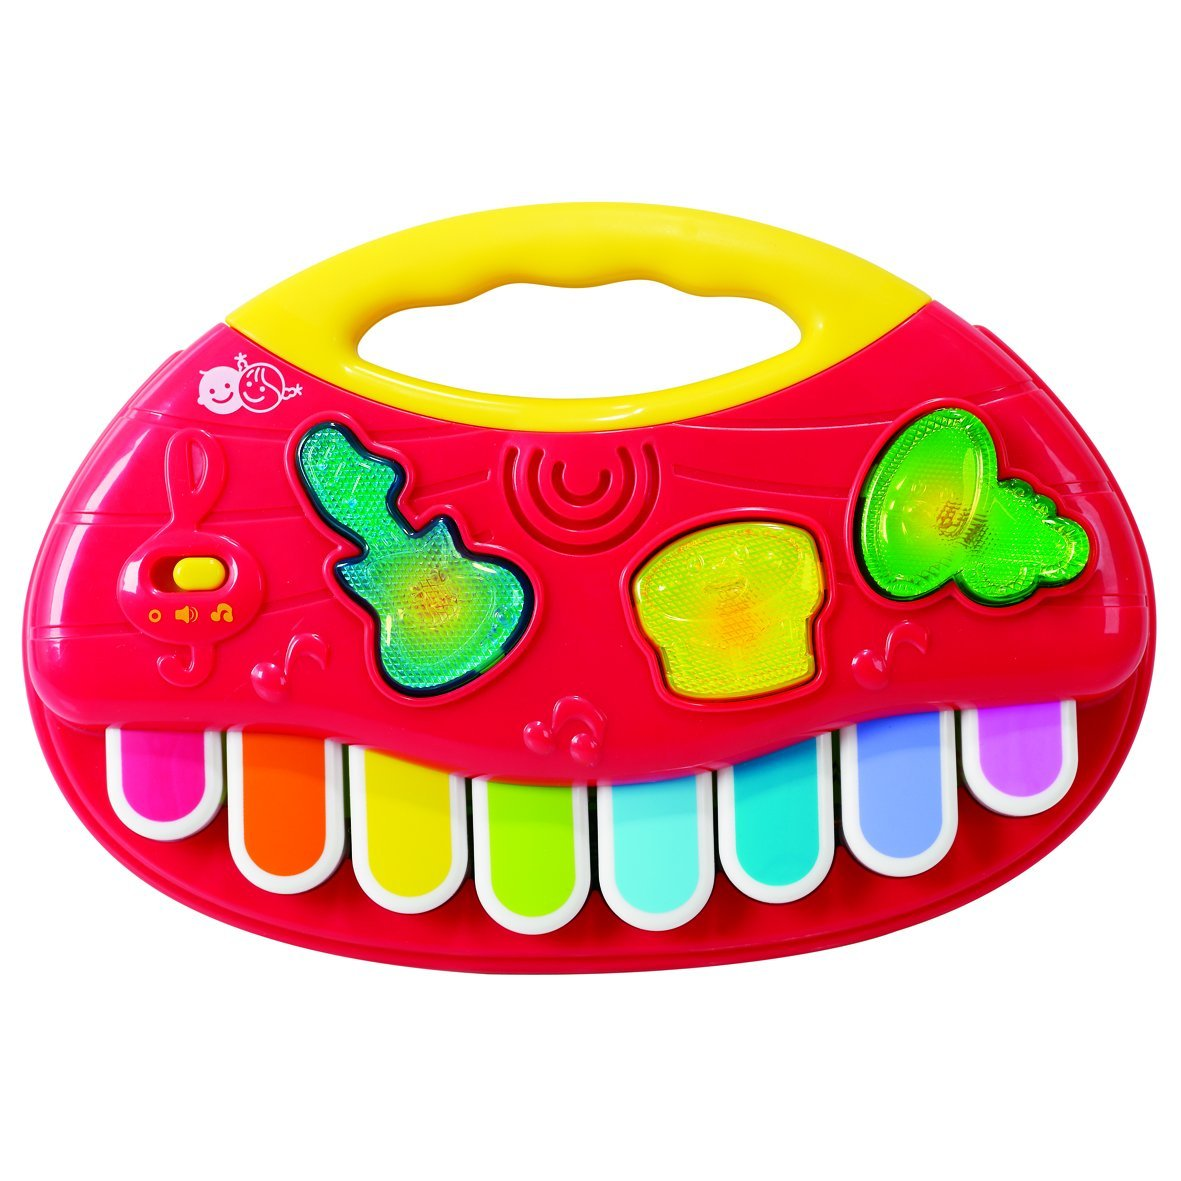 Развивающая игрушка - Мое первое пианиноСинтезаторы и пианино<br>Развивающая игрушка - Мое первое пианино<br>